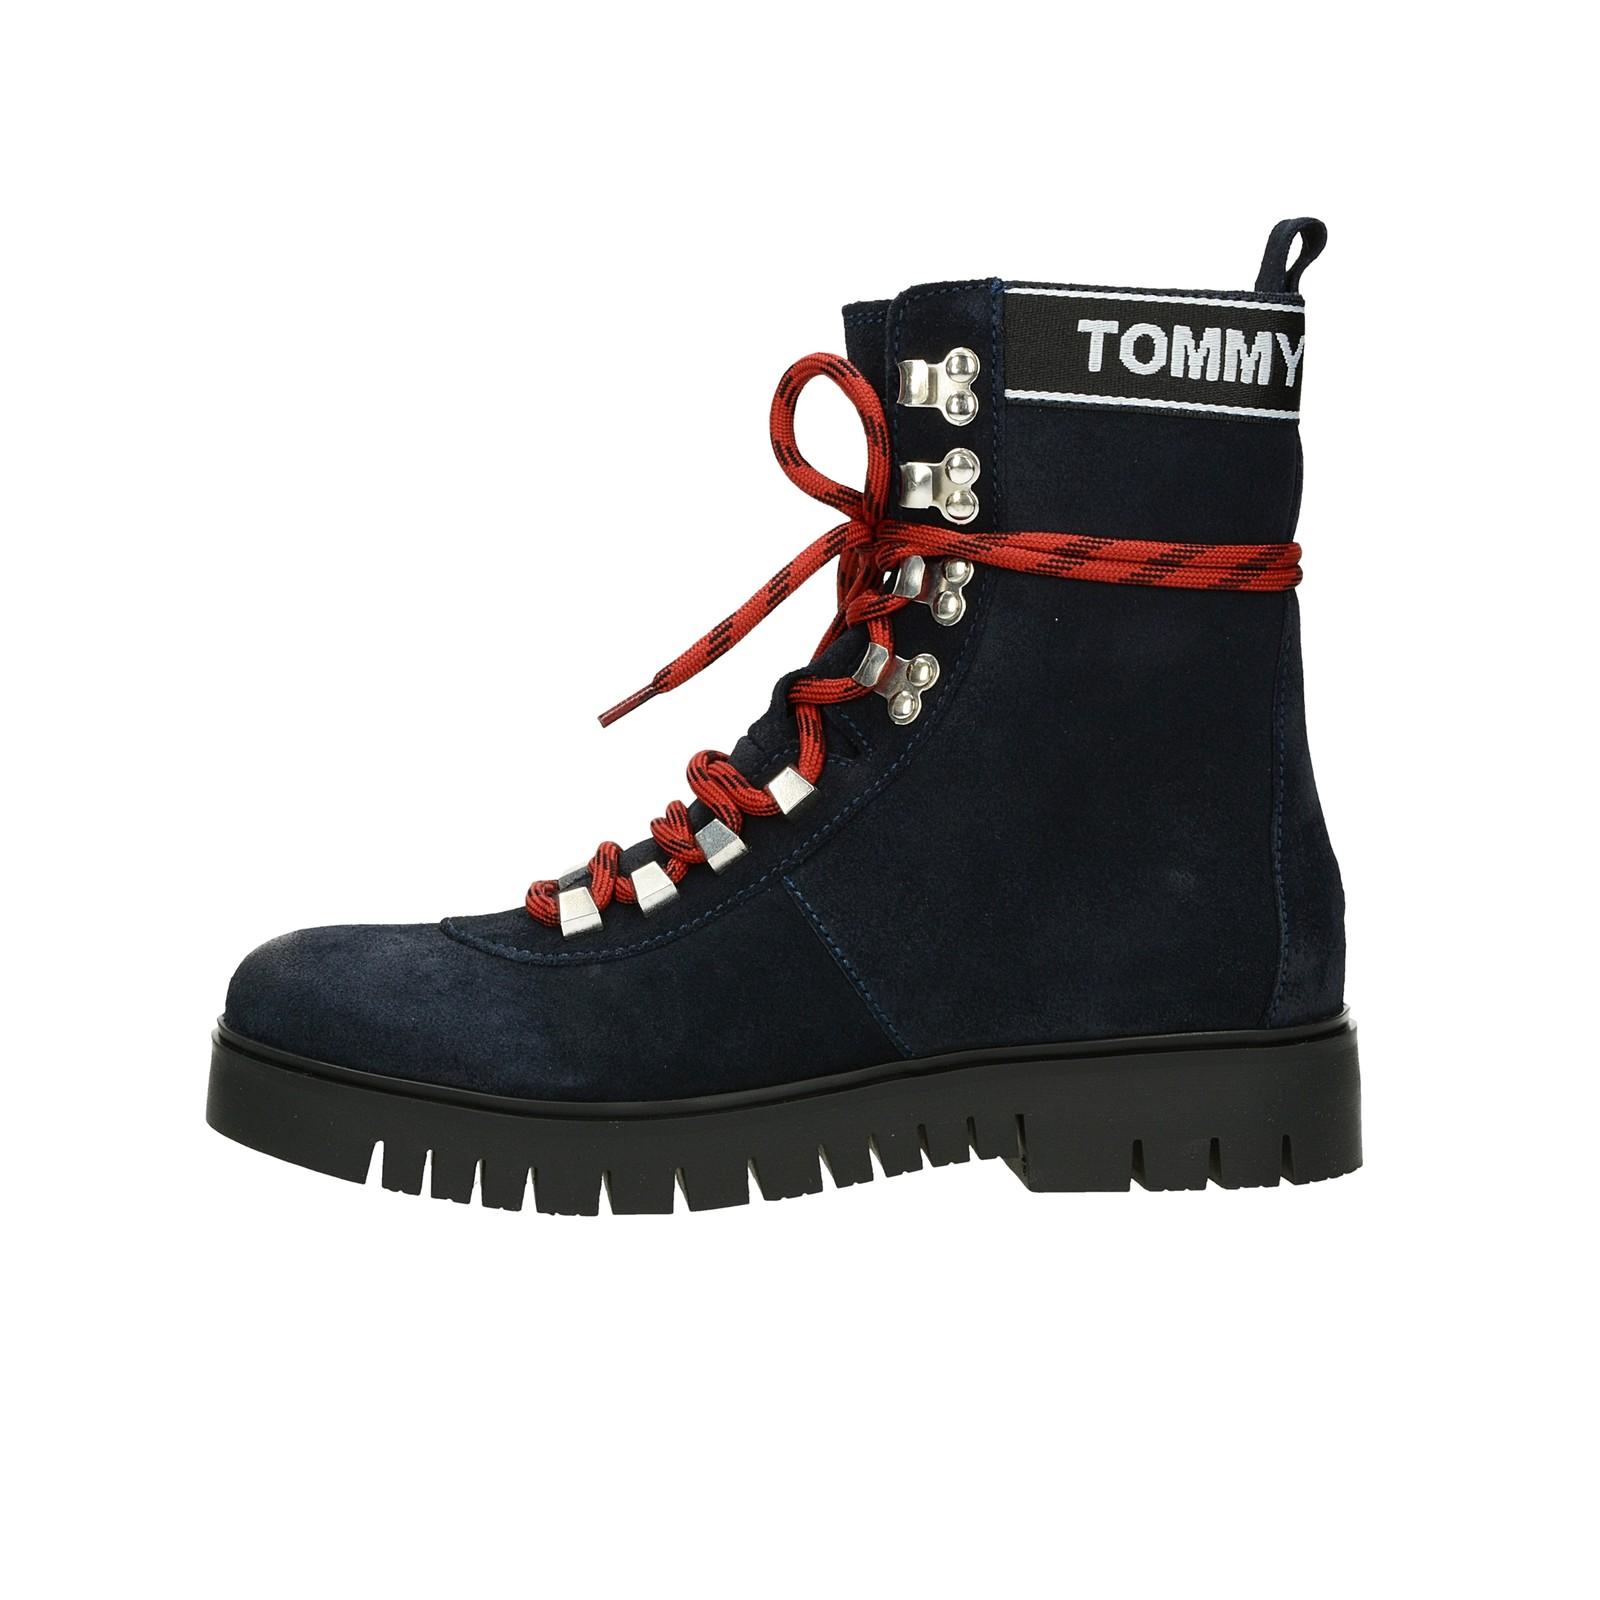 3139d7e28 Tommy Hilfiger dámske vysoké kotníky - modré | EN0EN00369403 ...